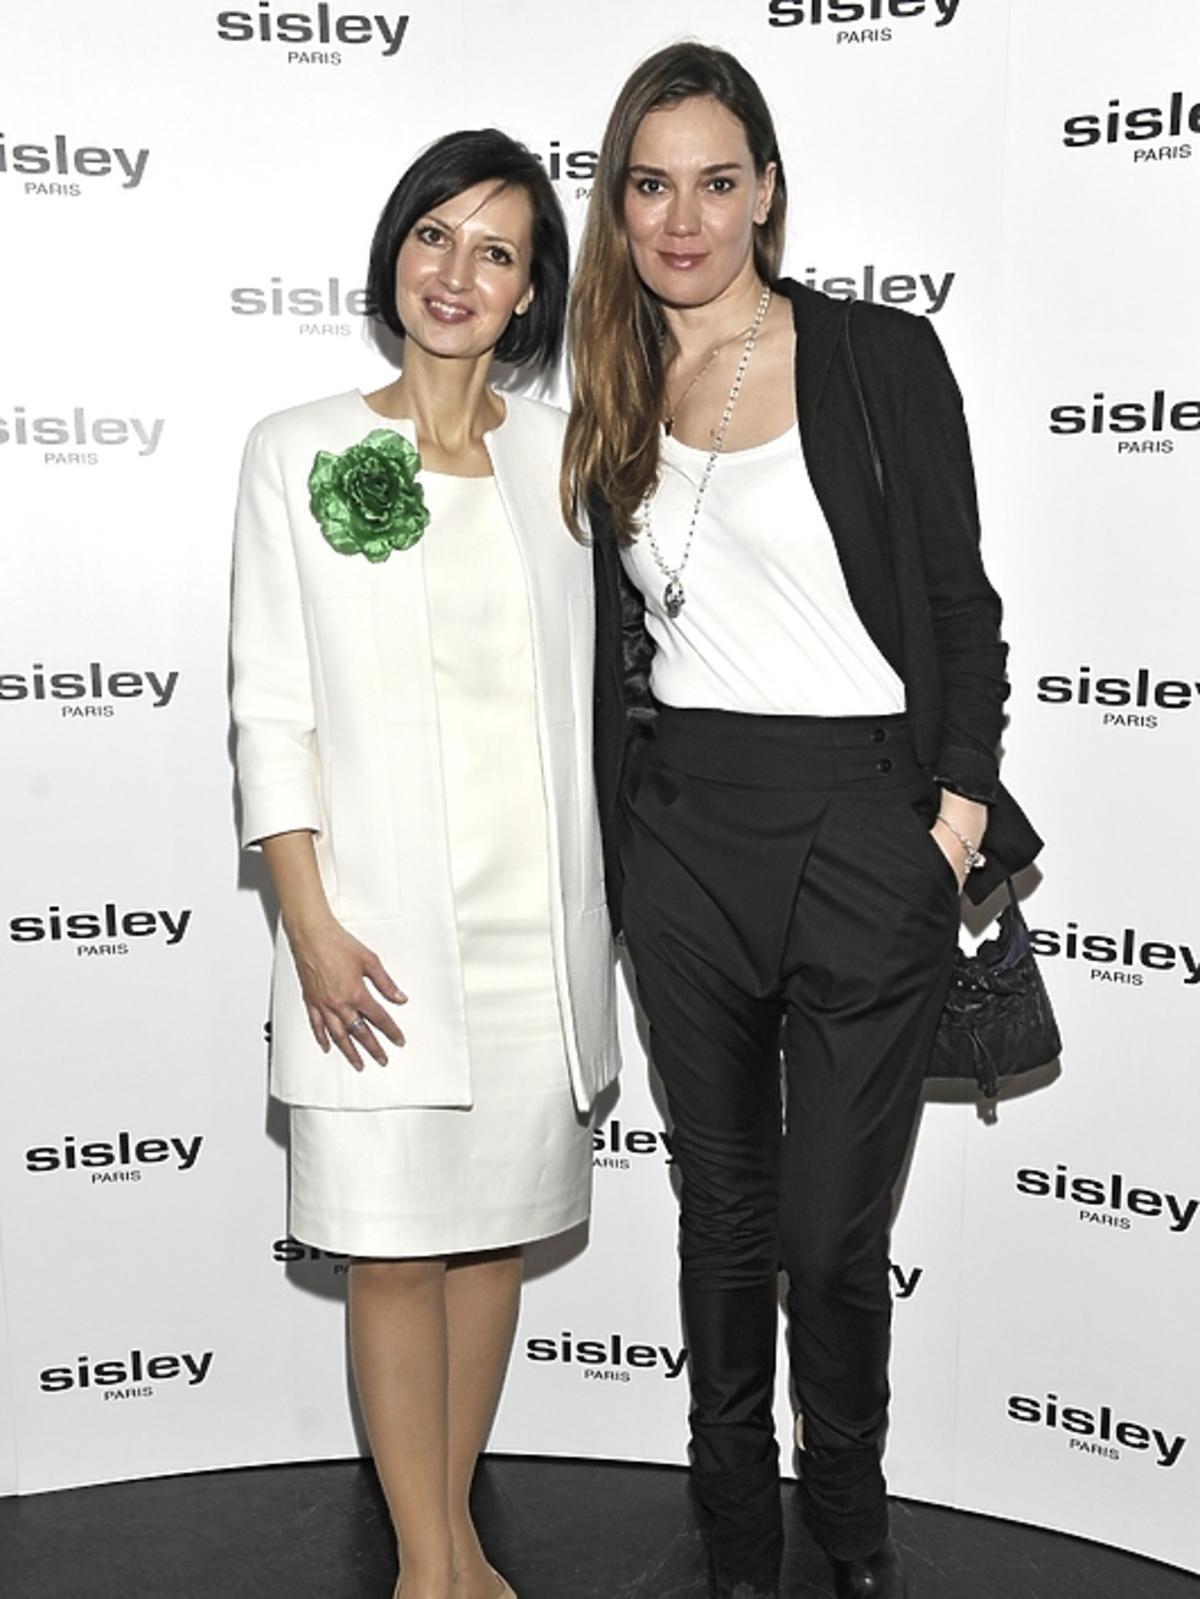 Iwona Kamińska i Aleksandra Nieśpielak na prezentacji kosmetyków Sisley